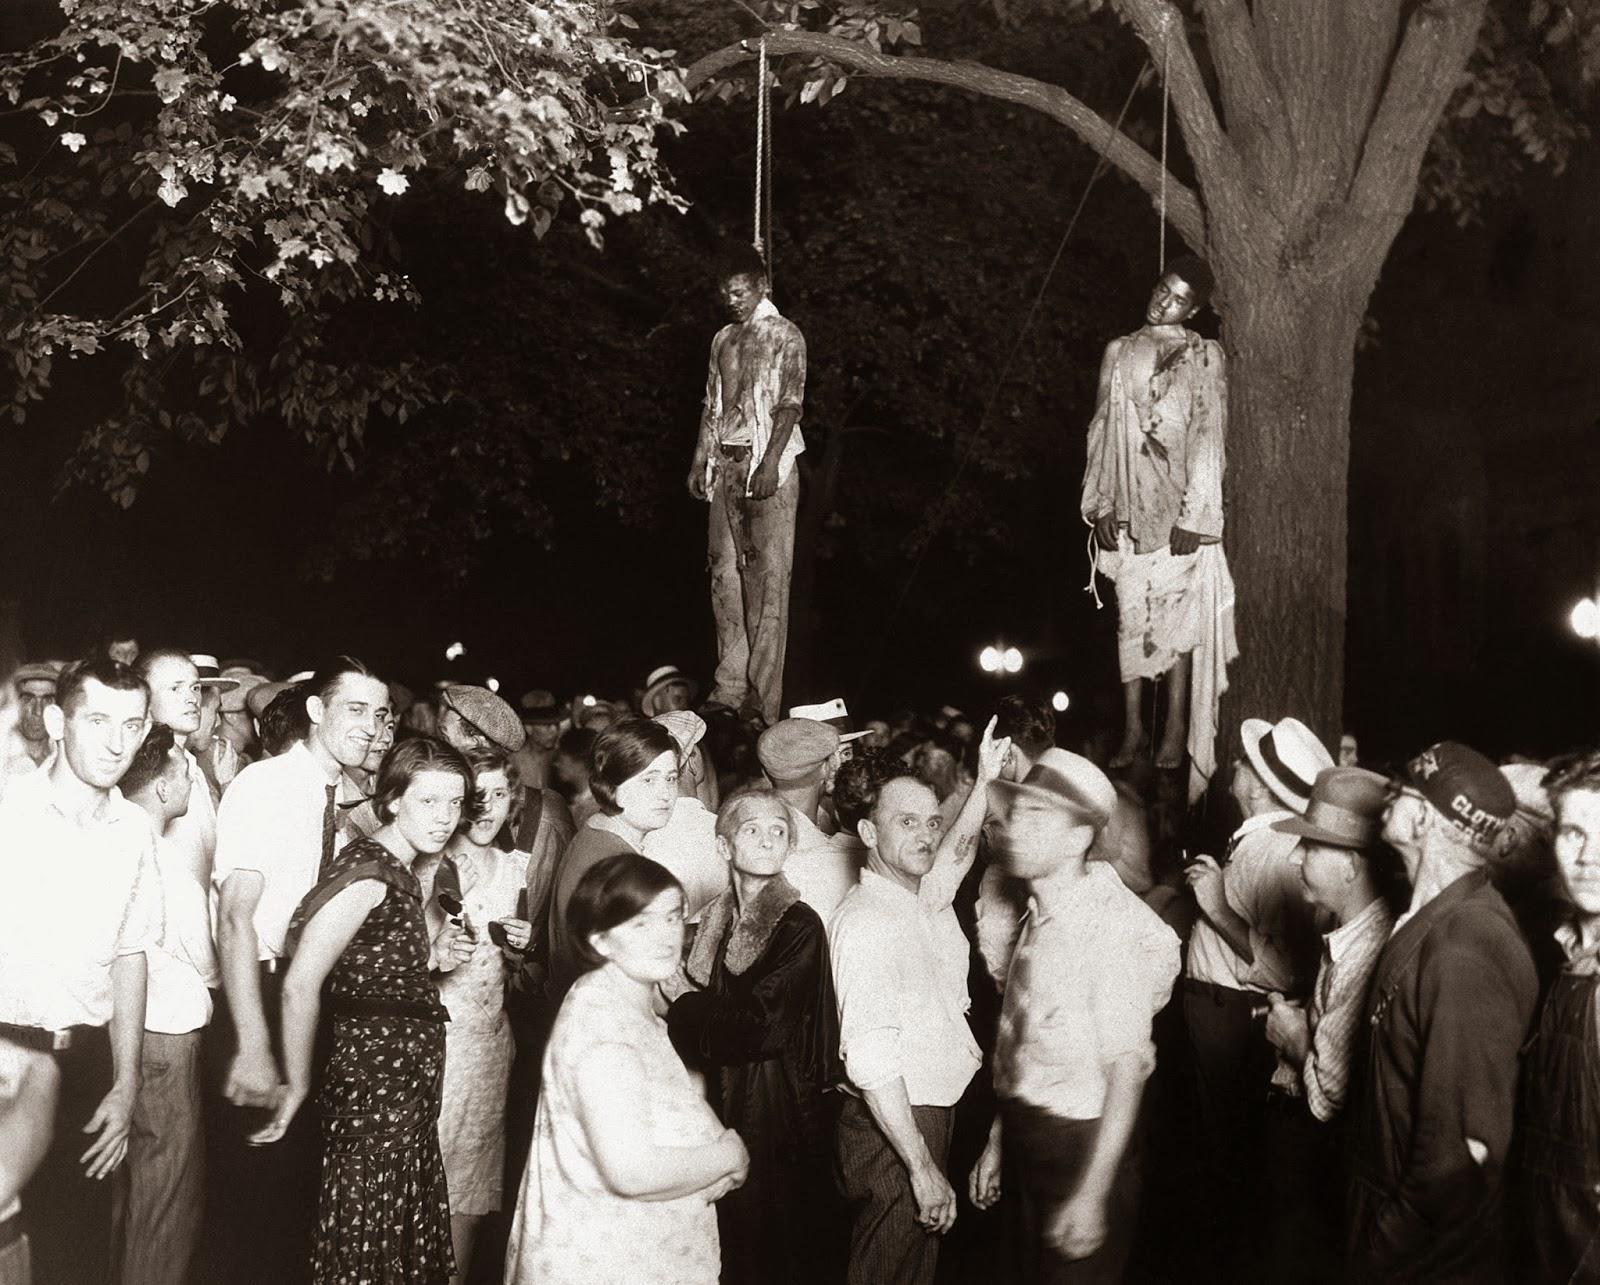 El linchamiento de Thomas Shipp y Abram Smith, 1930